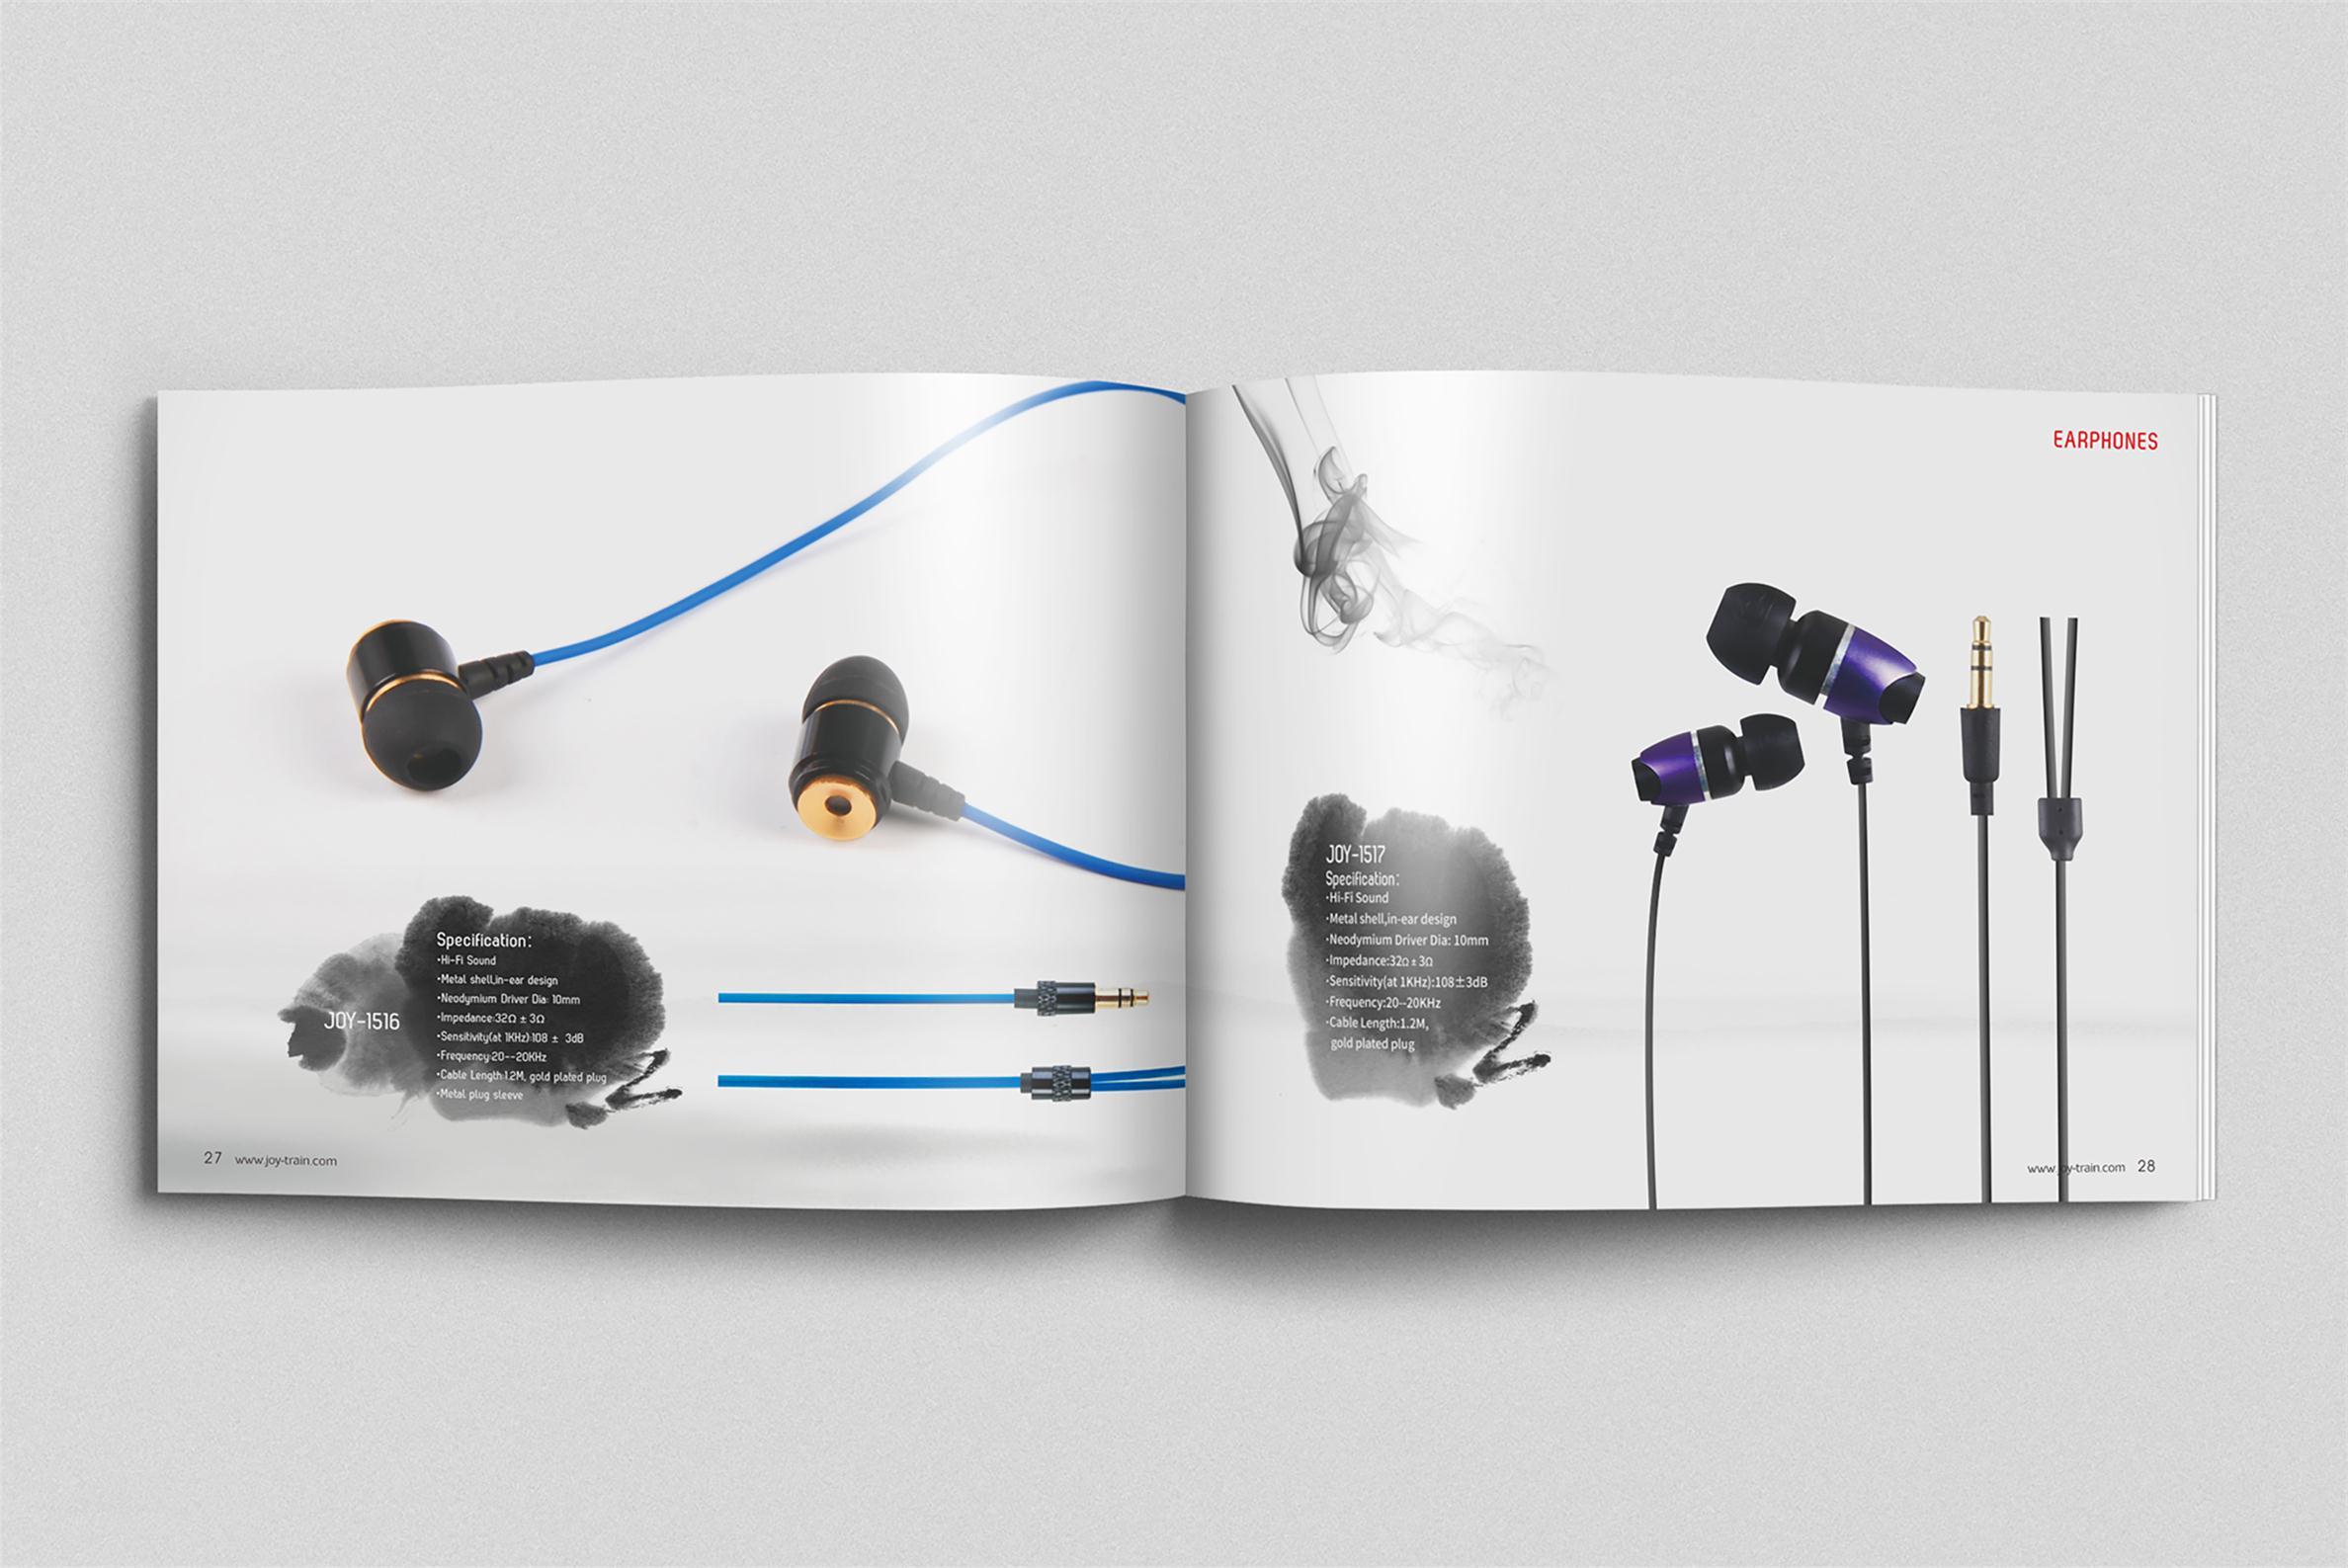 景程画册设计 比高墨象序R品牌设计公司 专业东莞VI设计 LOGO设计 品牌策划 商业空间设计公司 作品案例 高端画册